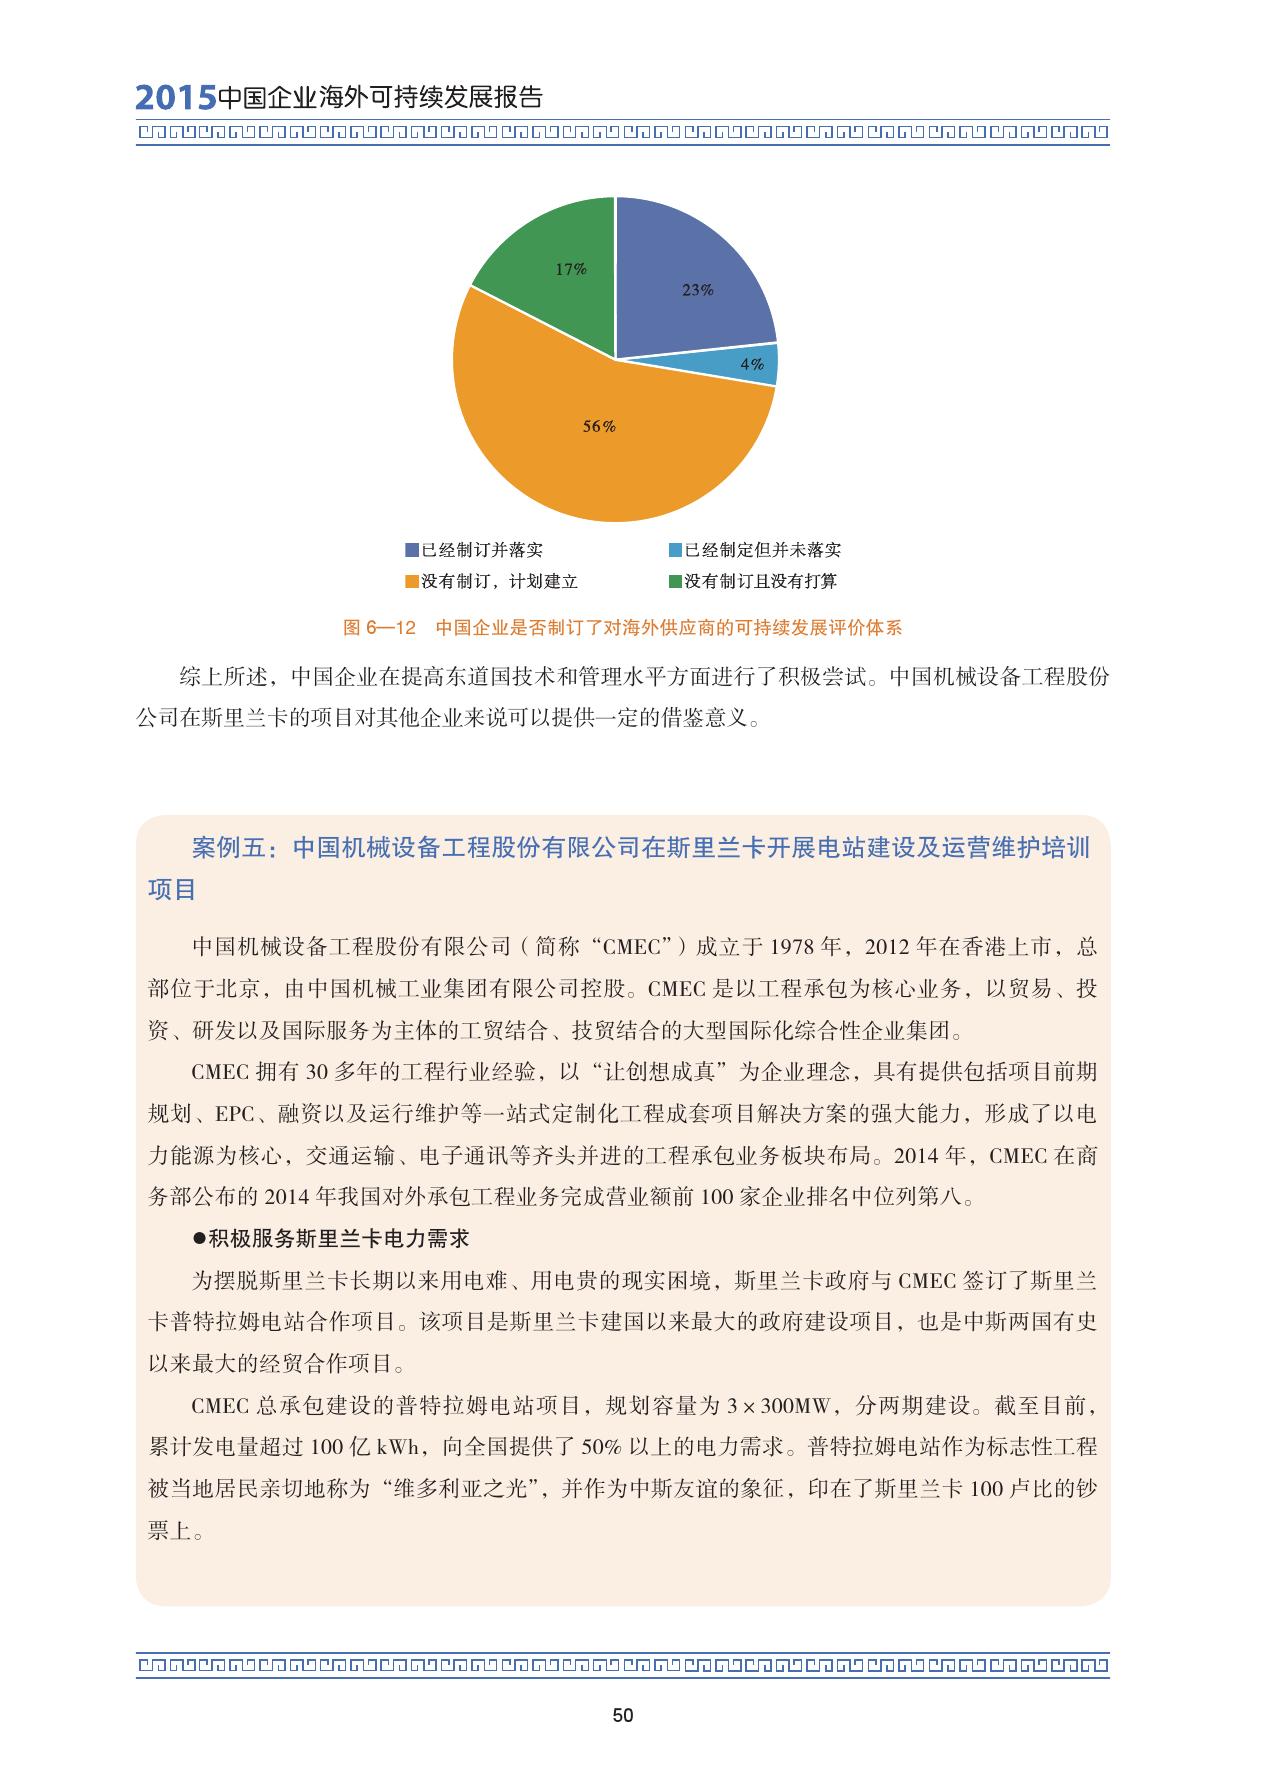 2015中国企业海外可持续发展报告_000064